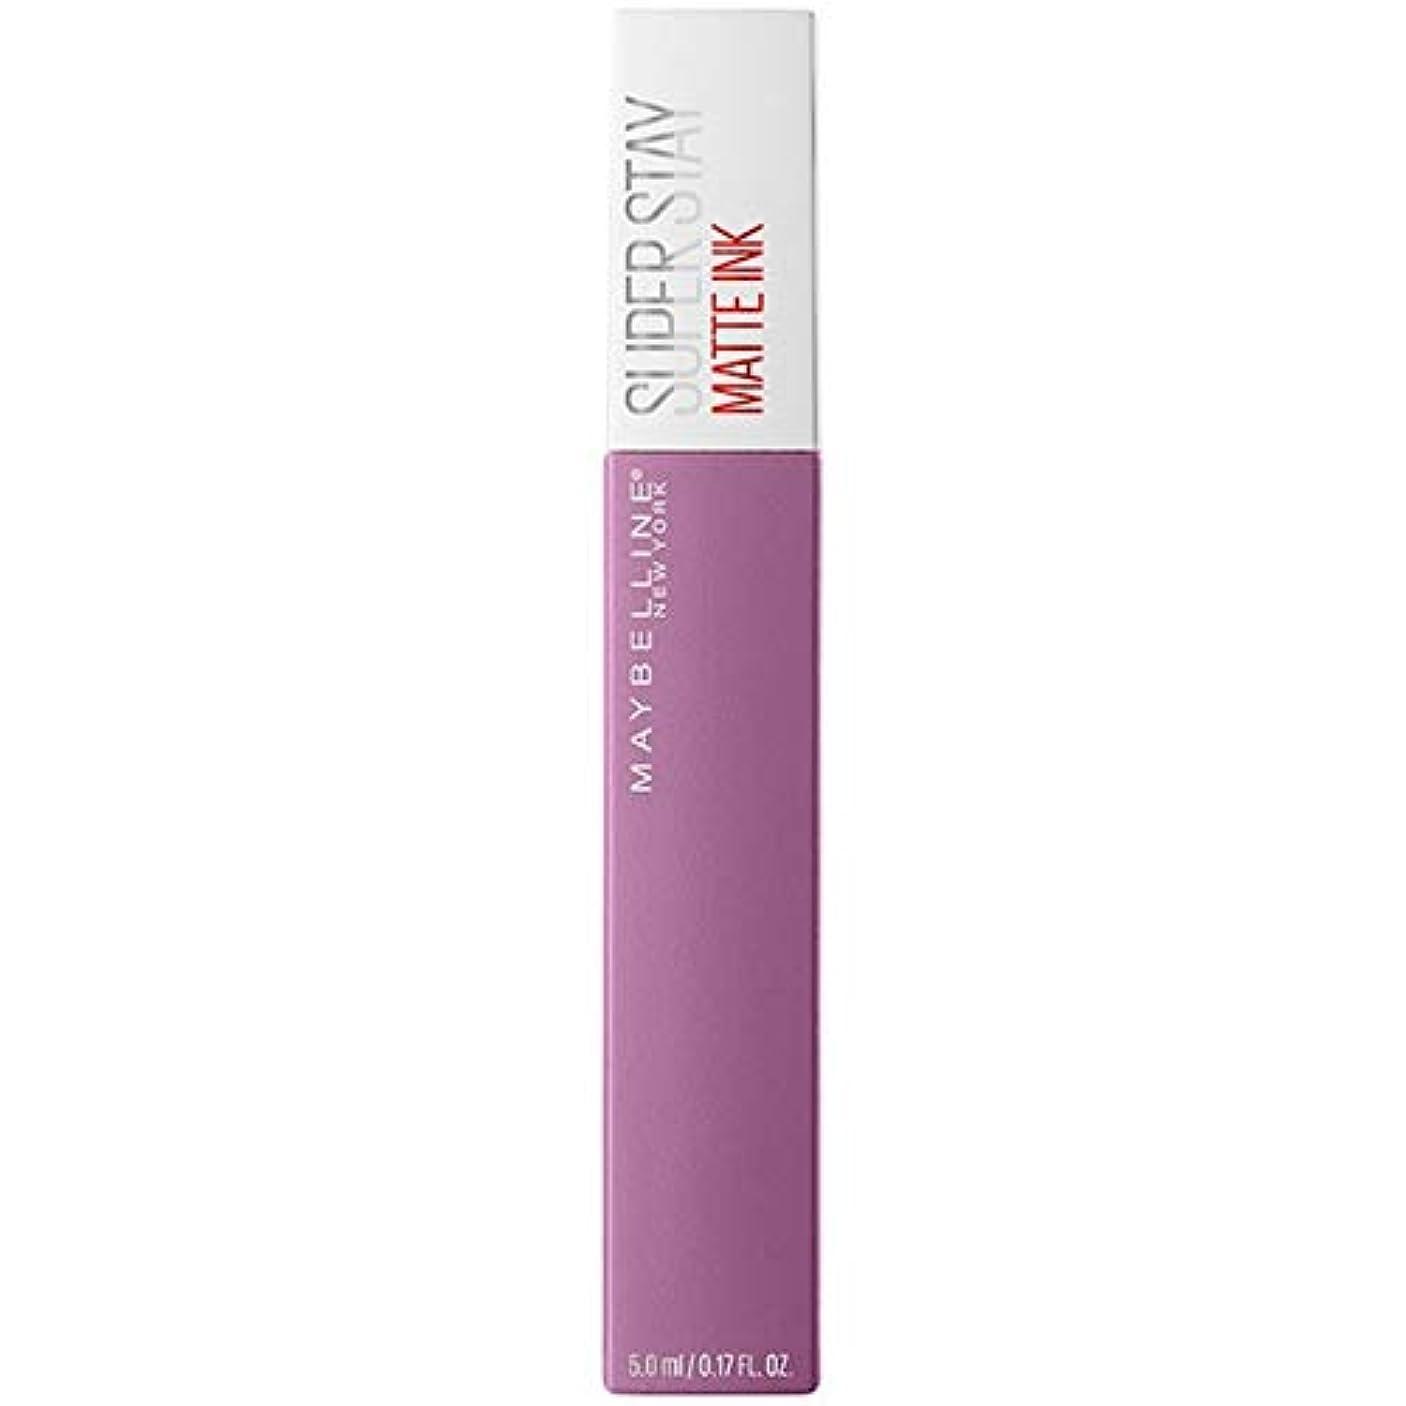 フレッシュパスタ分[Maybelline ] メイベリンSuperstayマットインク100哲学者 - Maybelline Superstay Matte Ink 100 Philosopher [並行輸入品]